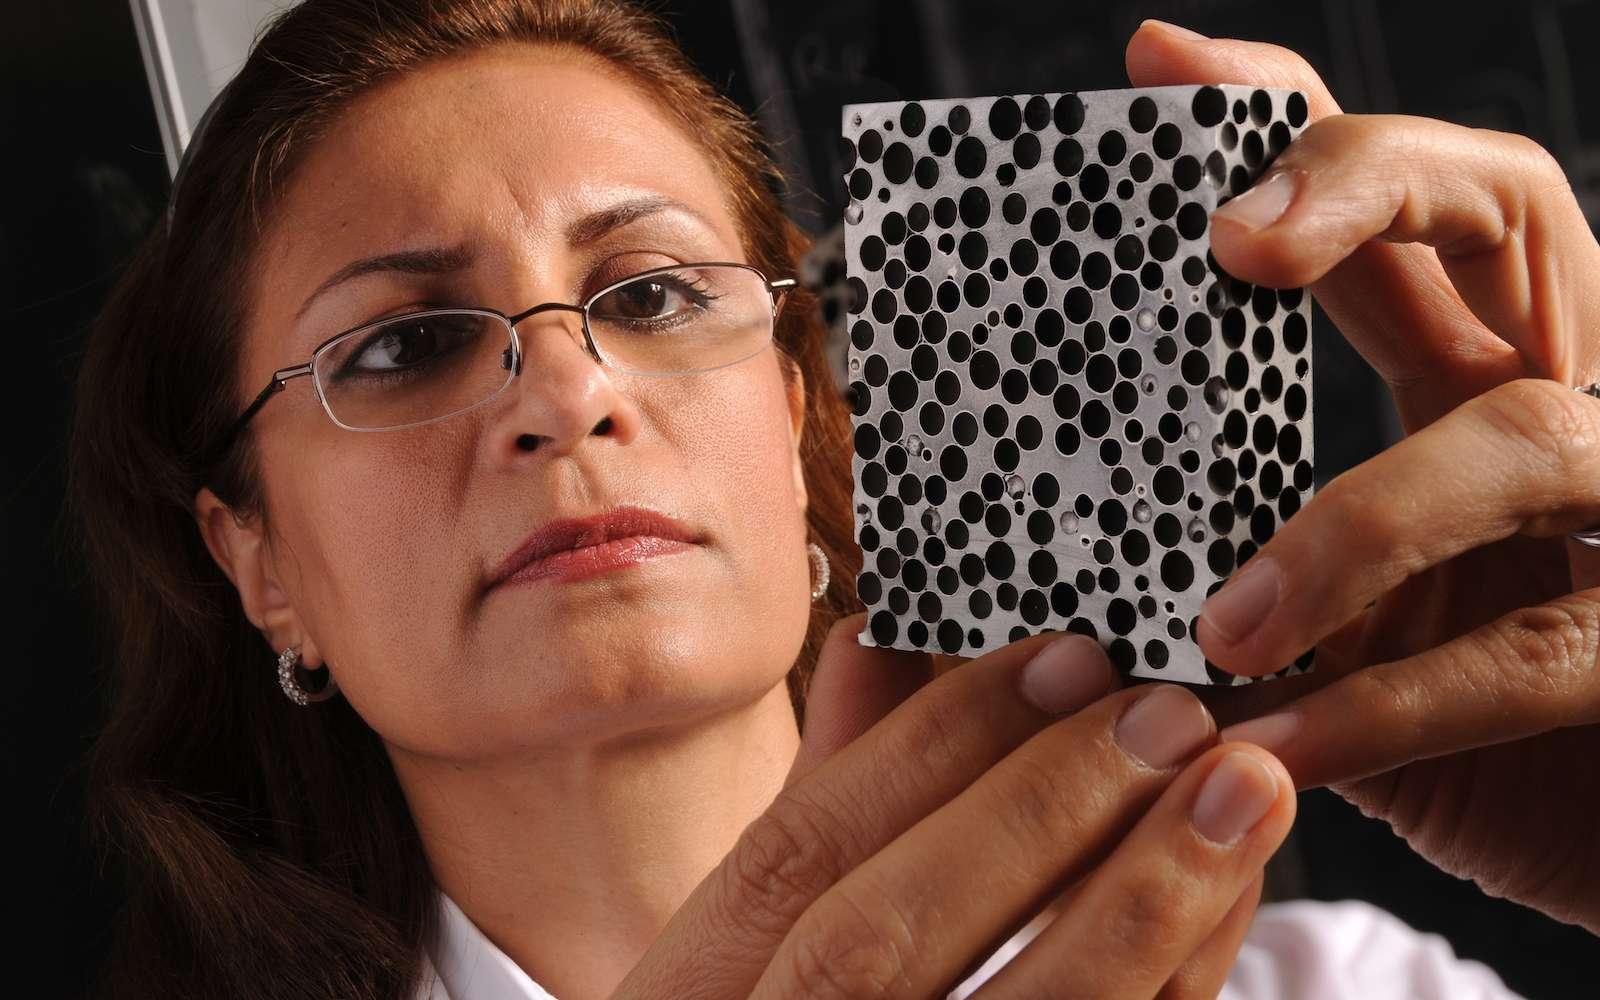 La mousse métallique ne se contente pas d'absorber les projectiles puisqu'elle protège aussi du feu et des rayons X. © NC State